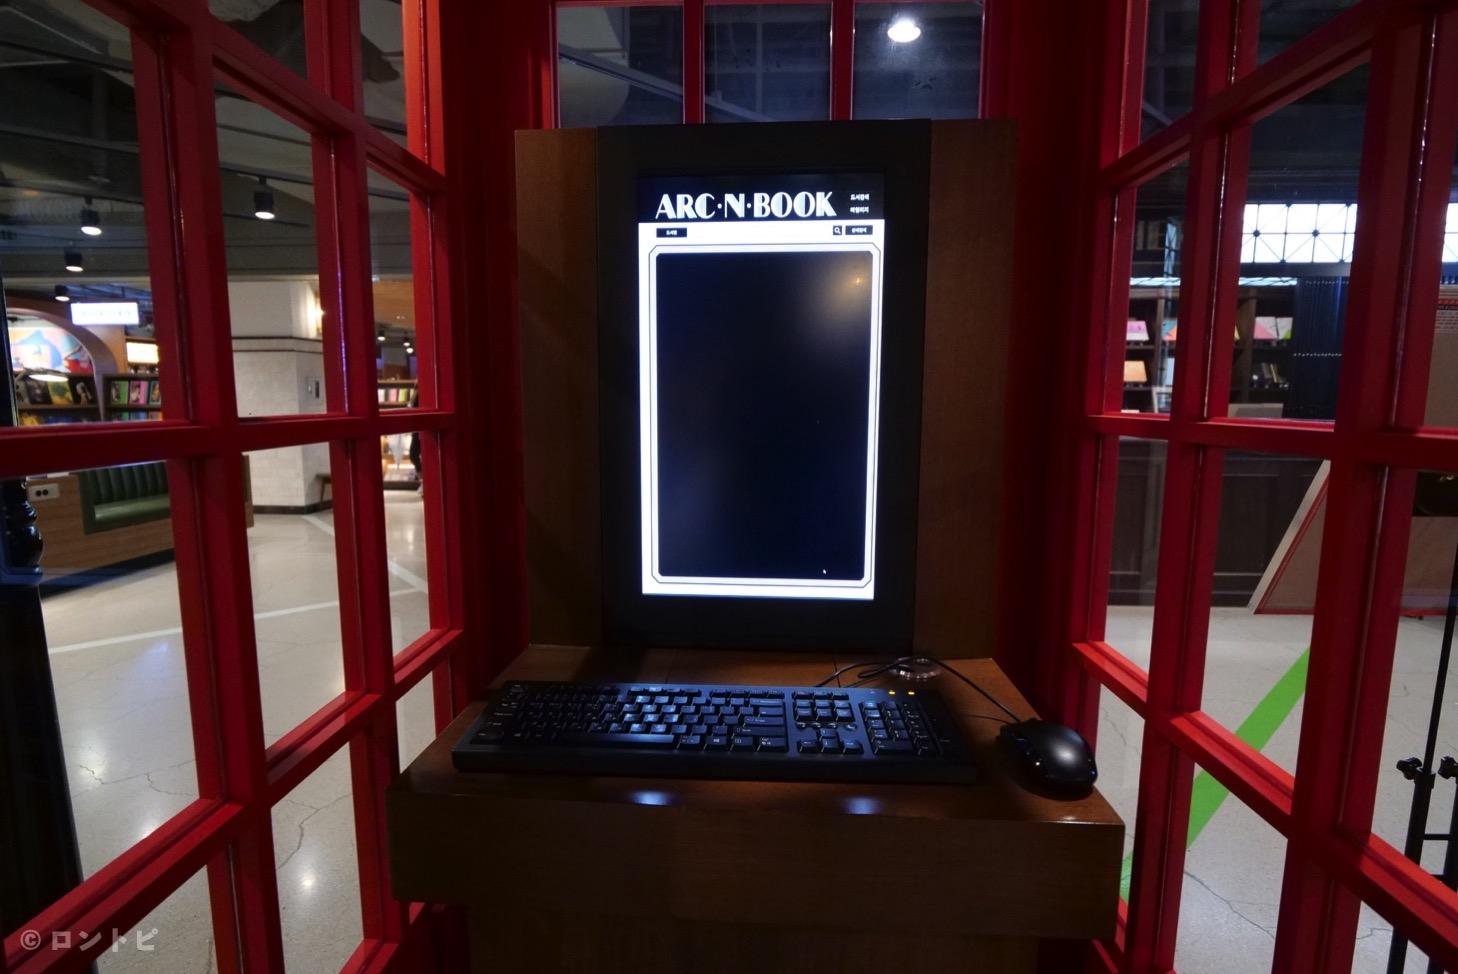 ARC N BOOK 電話ボックス